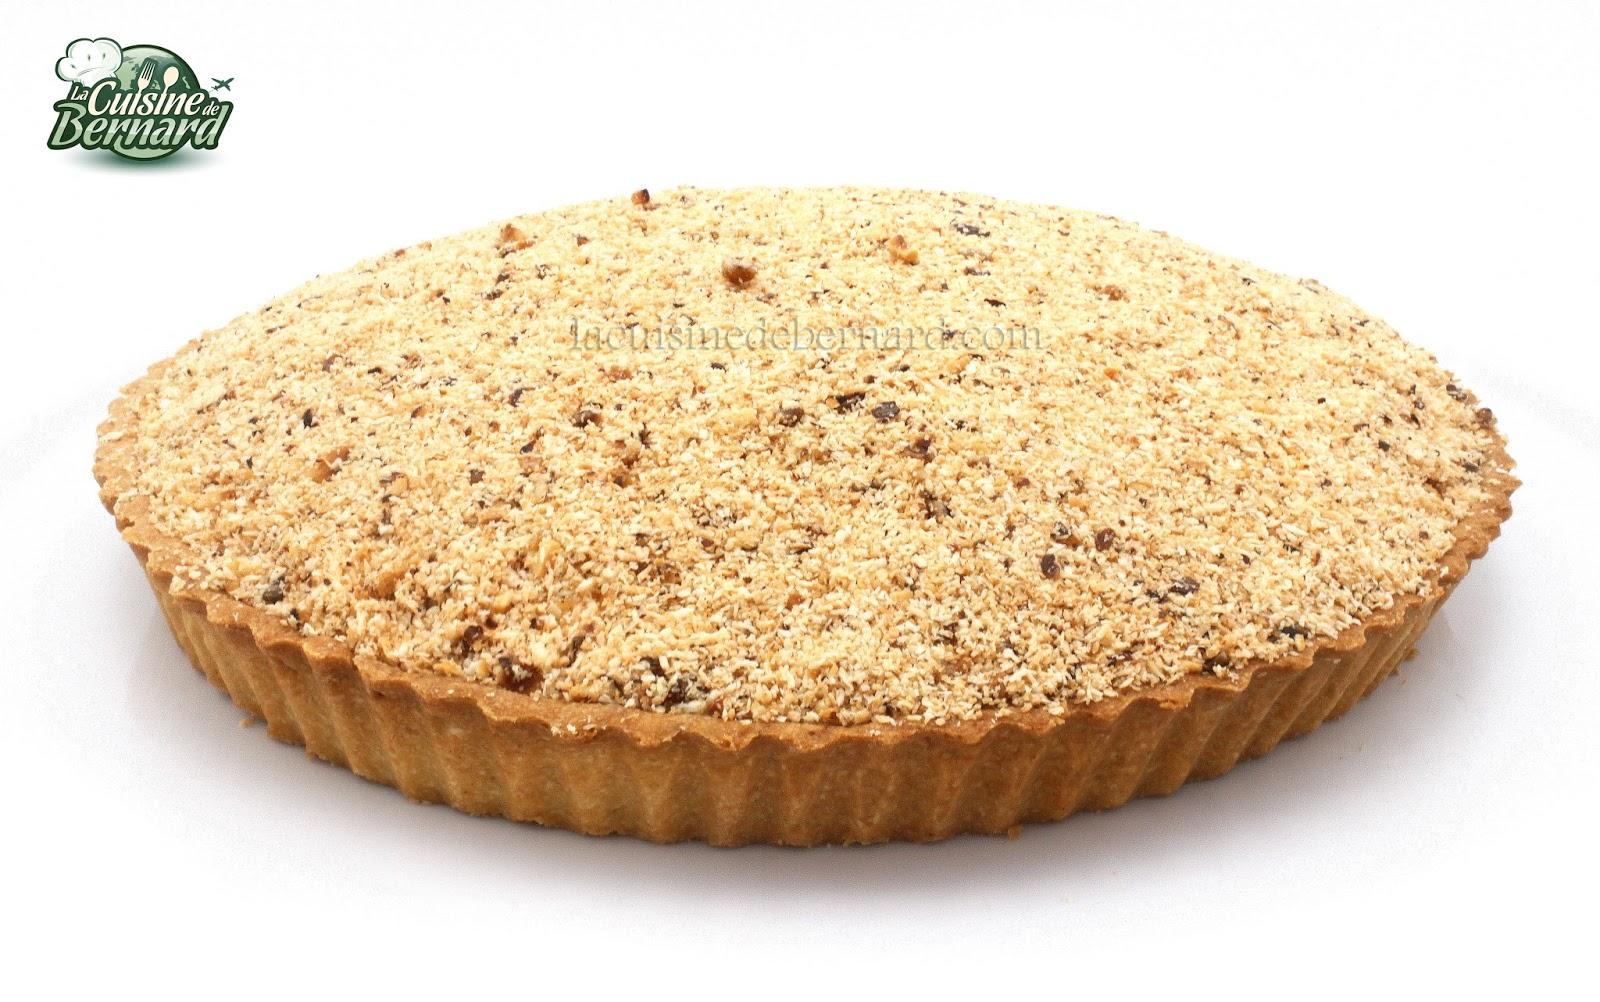 La cuisine de bernard tarte banane coco noisettes - La cuisine de bernard tarte au citron ...